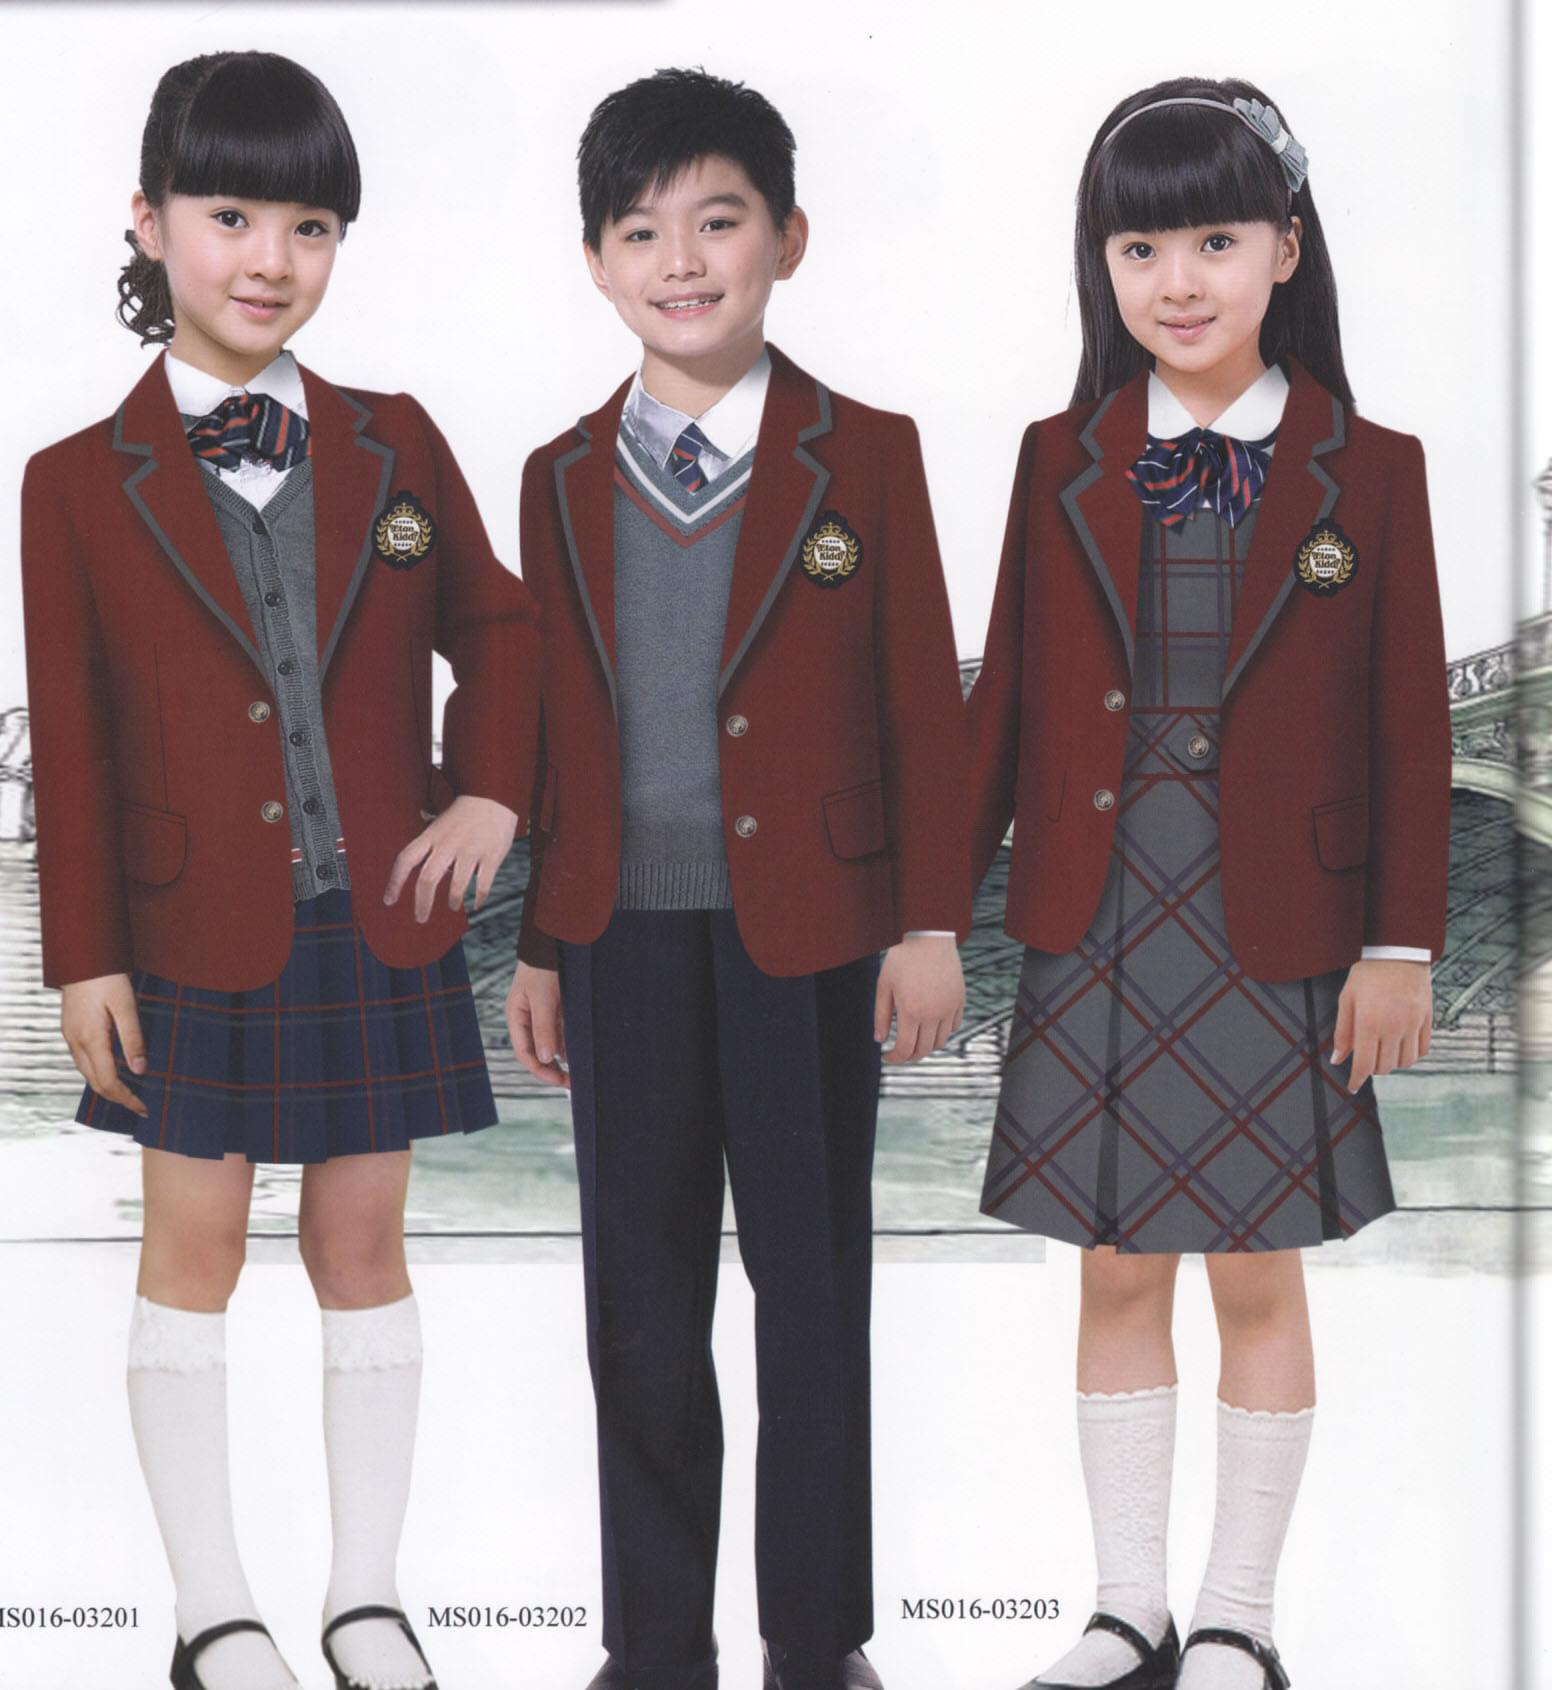 青岛定做学生西装就到青岛韵蔓,款式精良,面料优质,服务客户众多,完善的售后服务赢得了广大客户的一致好评,定做热线:400-087-0257  如今学生校服的款式没有过多的规定,很多学校也根据自己的意愿来选择校服,比如很多学校偏向于英伦风的西装校服,西装校服相对于宽松肥大的运动校服,穿着修身,彰显青春活力。 定做学生西装校服相对运动校服来说在尺寸上要求较多一些,运动校服有身高体重即可根据型号来套号,而西装校服肩宽、胸围等等都是修身款式比较贴身,就需要精确的量体尺寸。韵蔓的长期客户青岛墨尔文中学款式极为英伦风